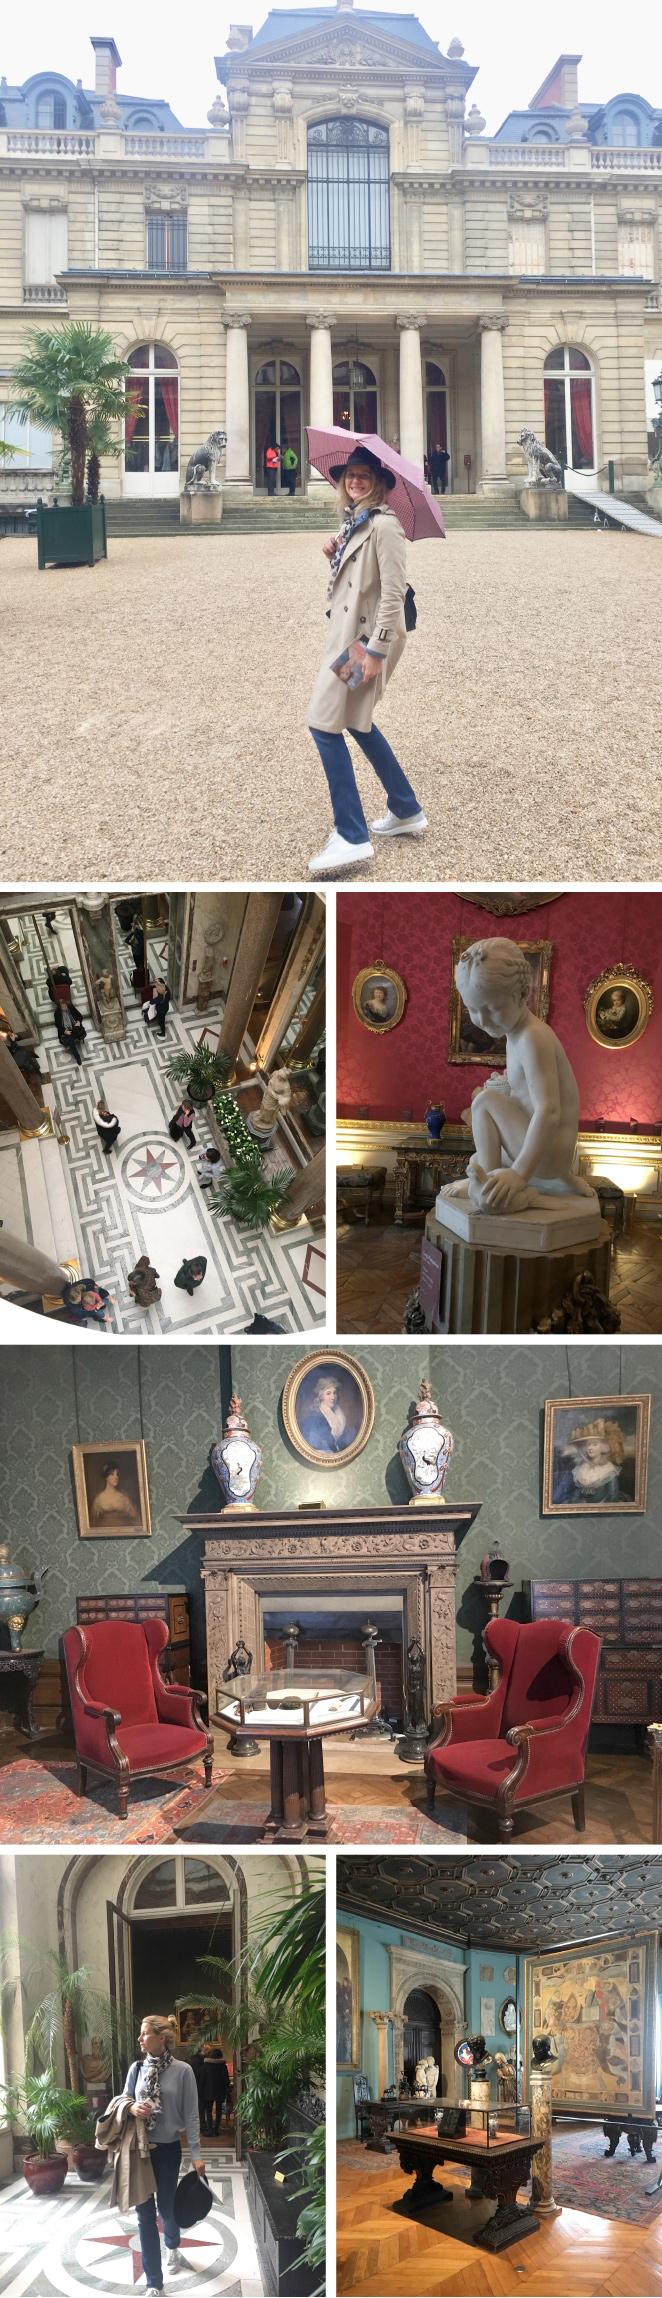 seo Jacquemart-Andrées uno de mis museos favoritos de París que se encuentra en el 158 del Bulevar Haussmann. Su edificio es de entre 1869 y 1875 y fue donado por Édouard André y por su esposa Nélie Jacquemartjunto a su colección privada al Instituto de Francia. Su cafetería está considerada como una de las más bonitas de París!!